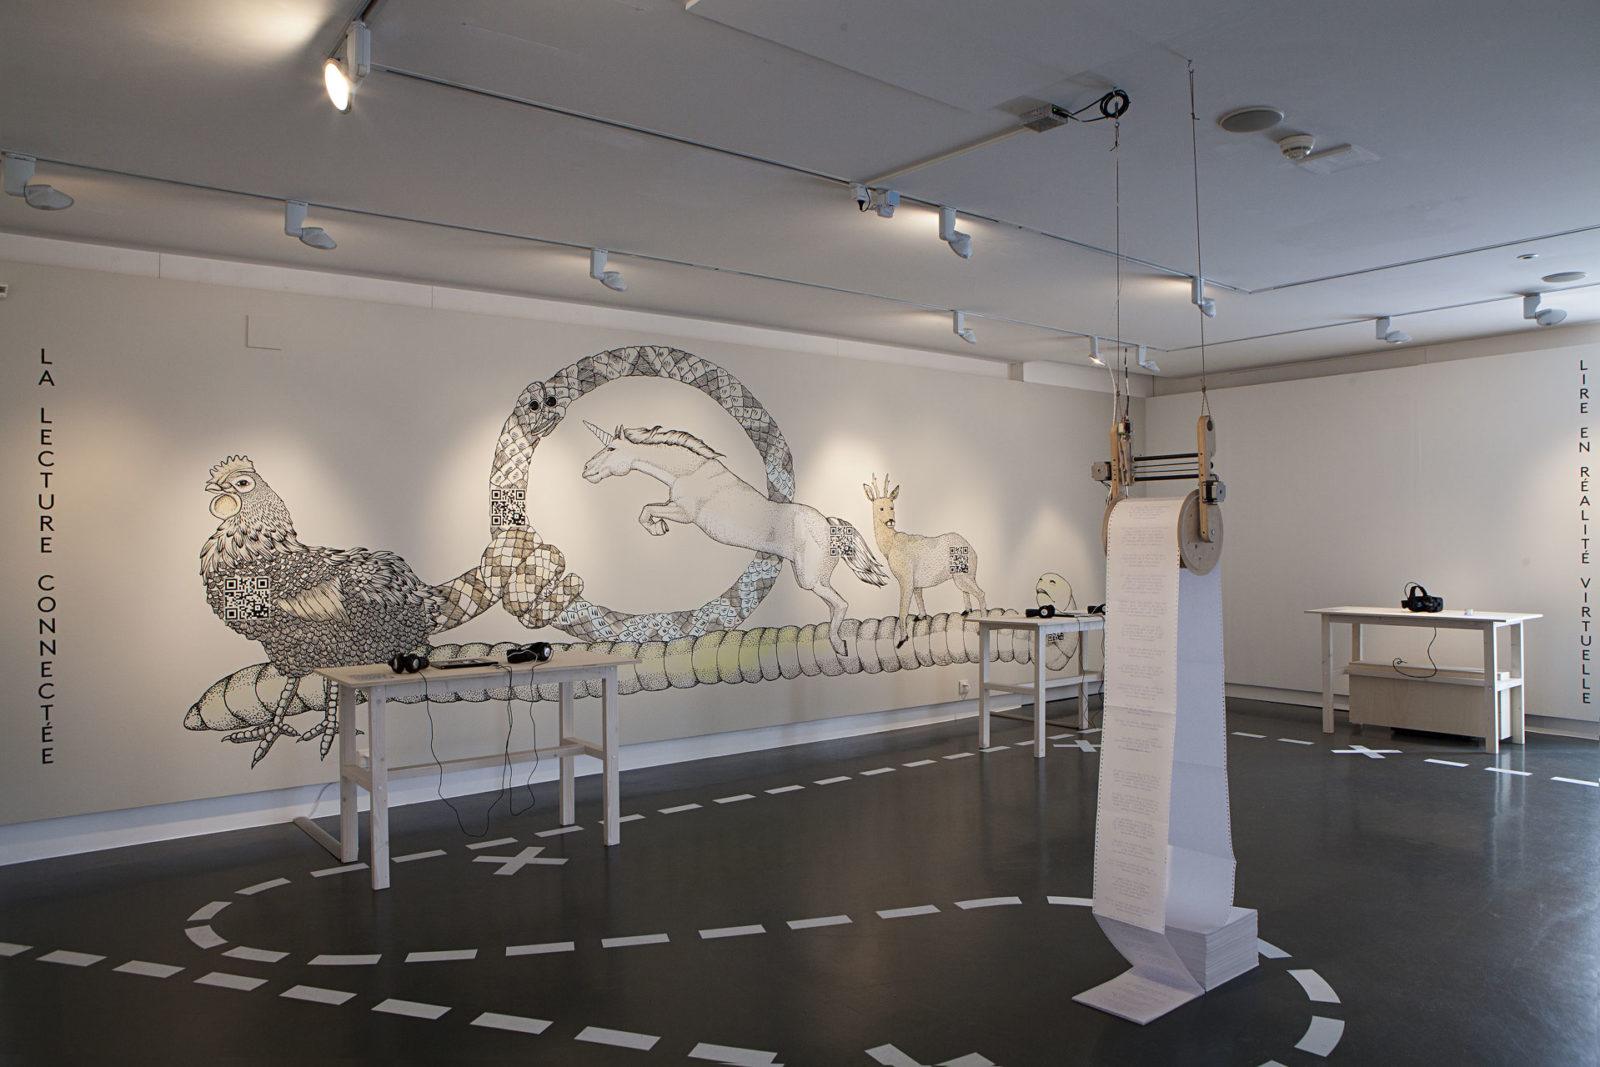 Exposition autour du numérique qu'en lira-t-on, musée de design et d'arts appliqués contemporains, 2017, genève